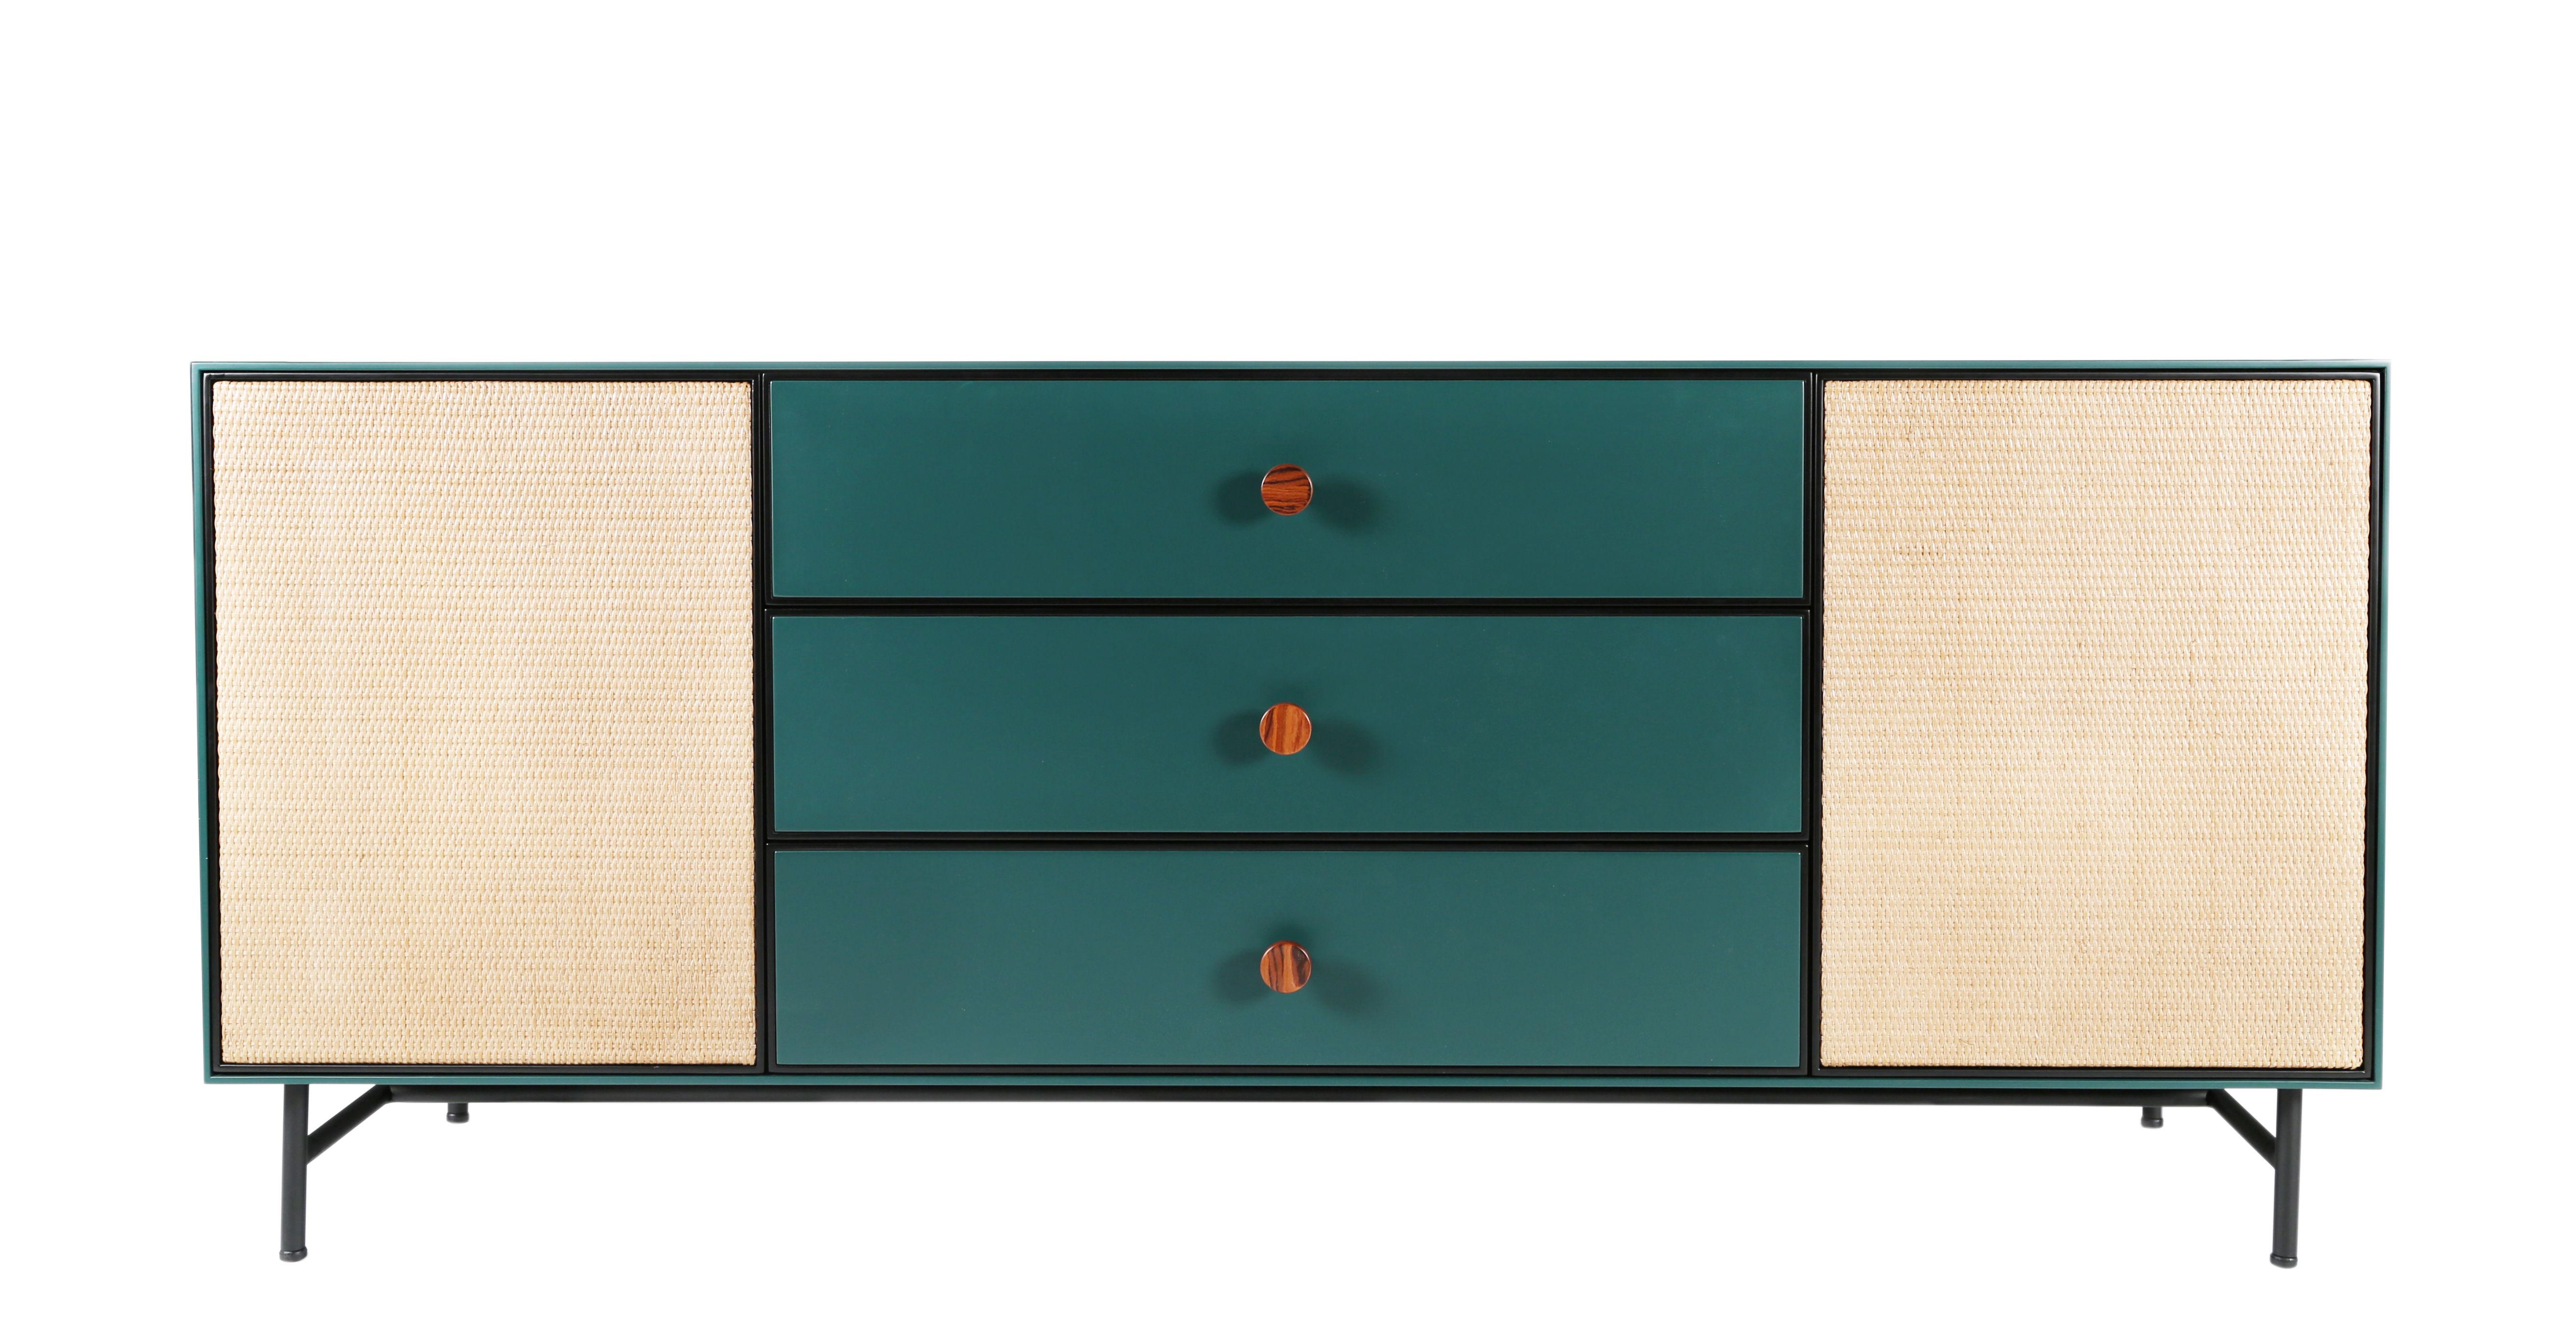 Arredamento - Contenitori, Credenze... - Buffet Essence - / Legno & Rattan di Maison Sarah Lavoine - Blu Sarah & rattan - Acciaio laccato, Legno laccato, Midollino, Palissandro, Velluto